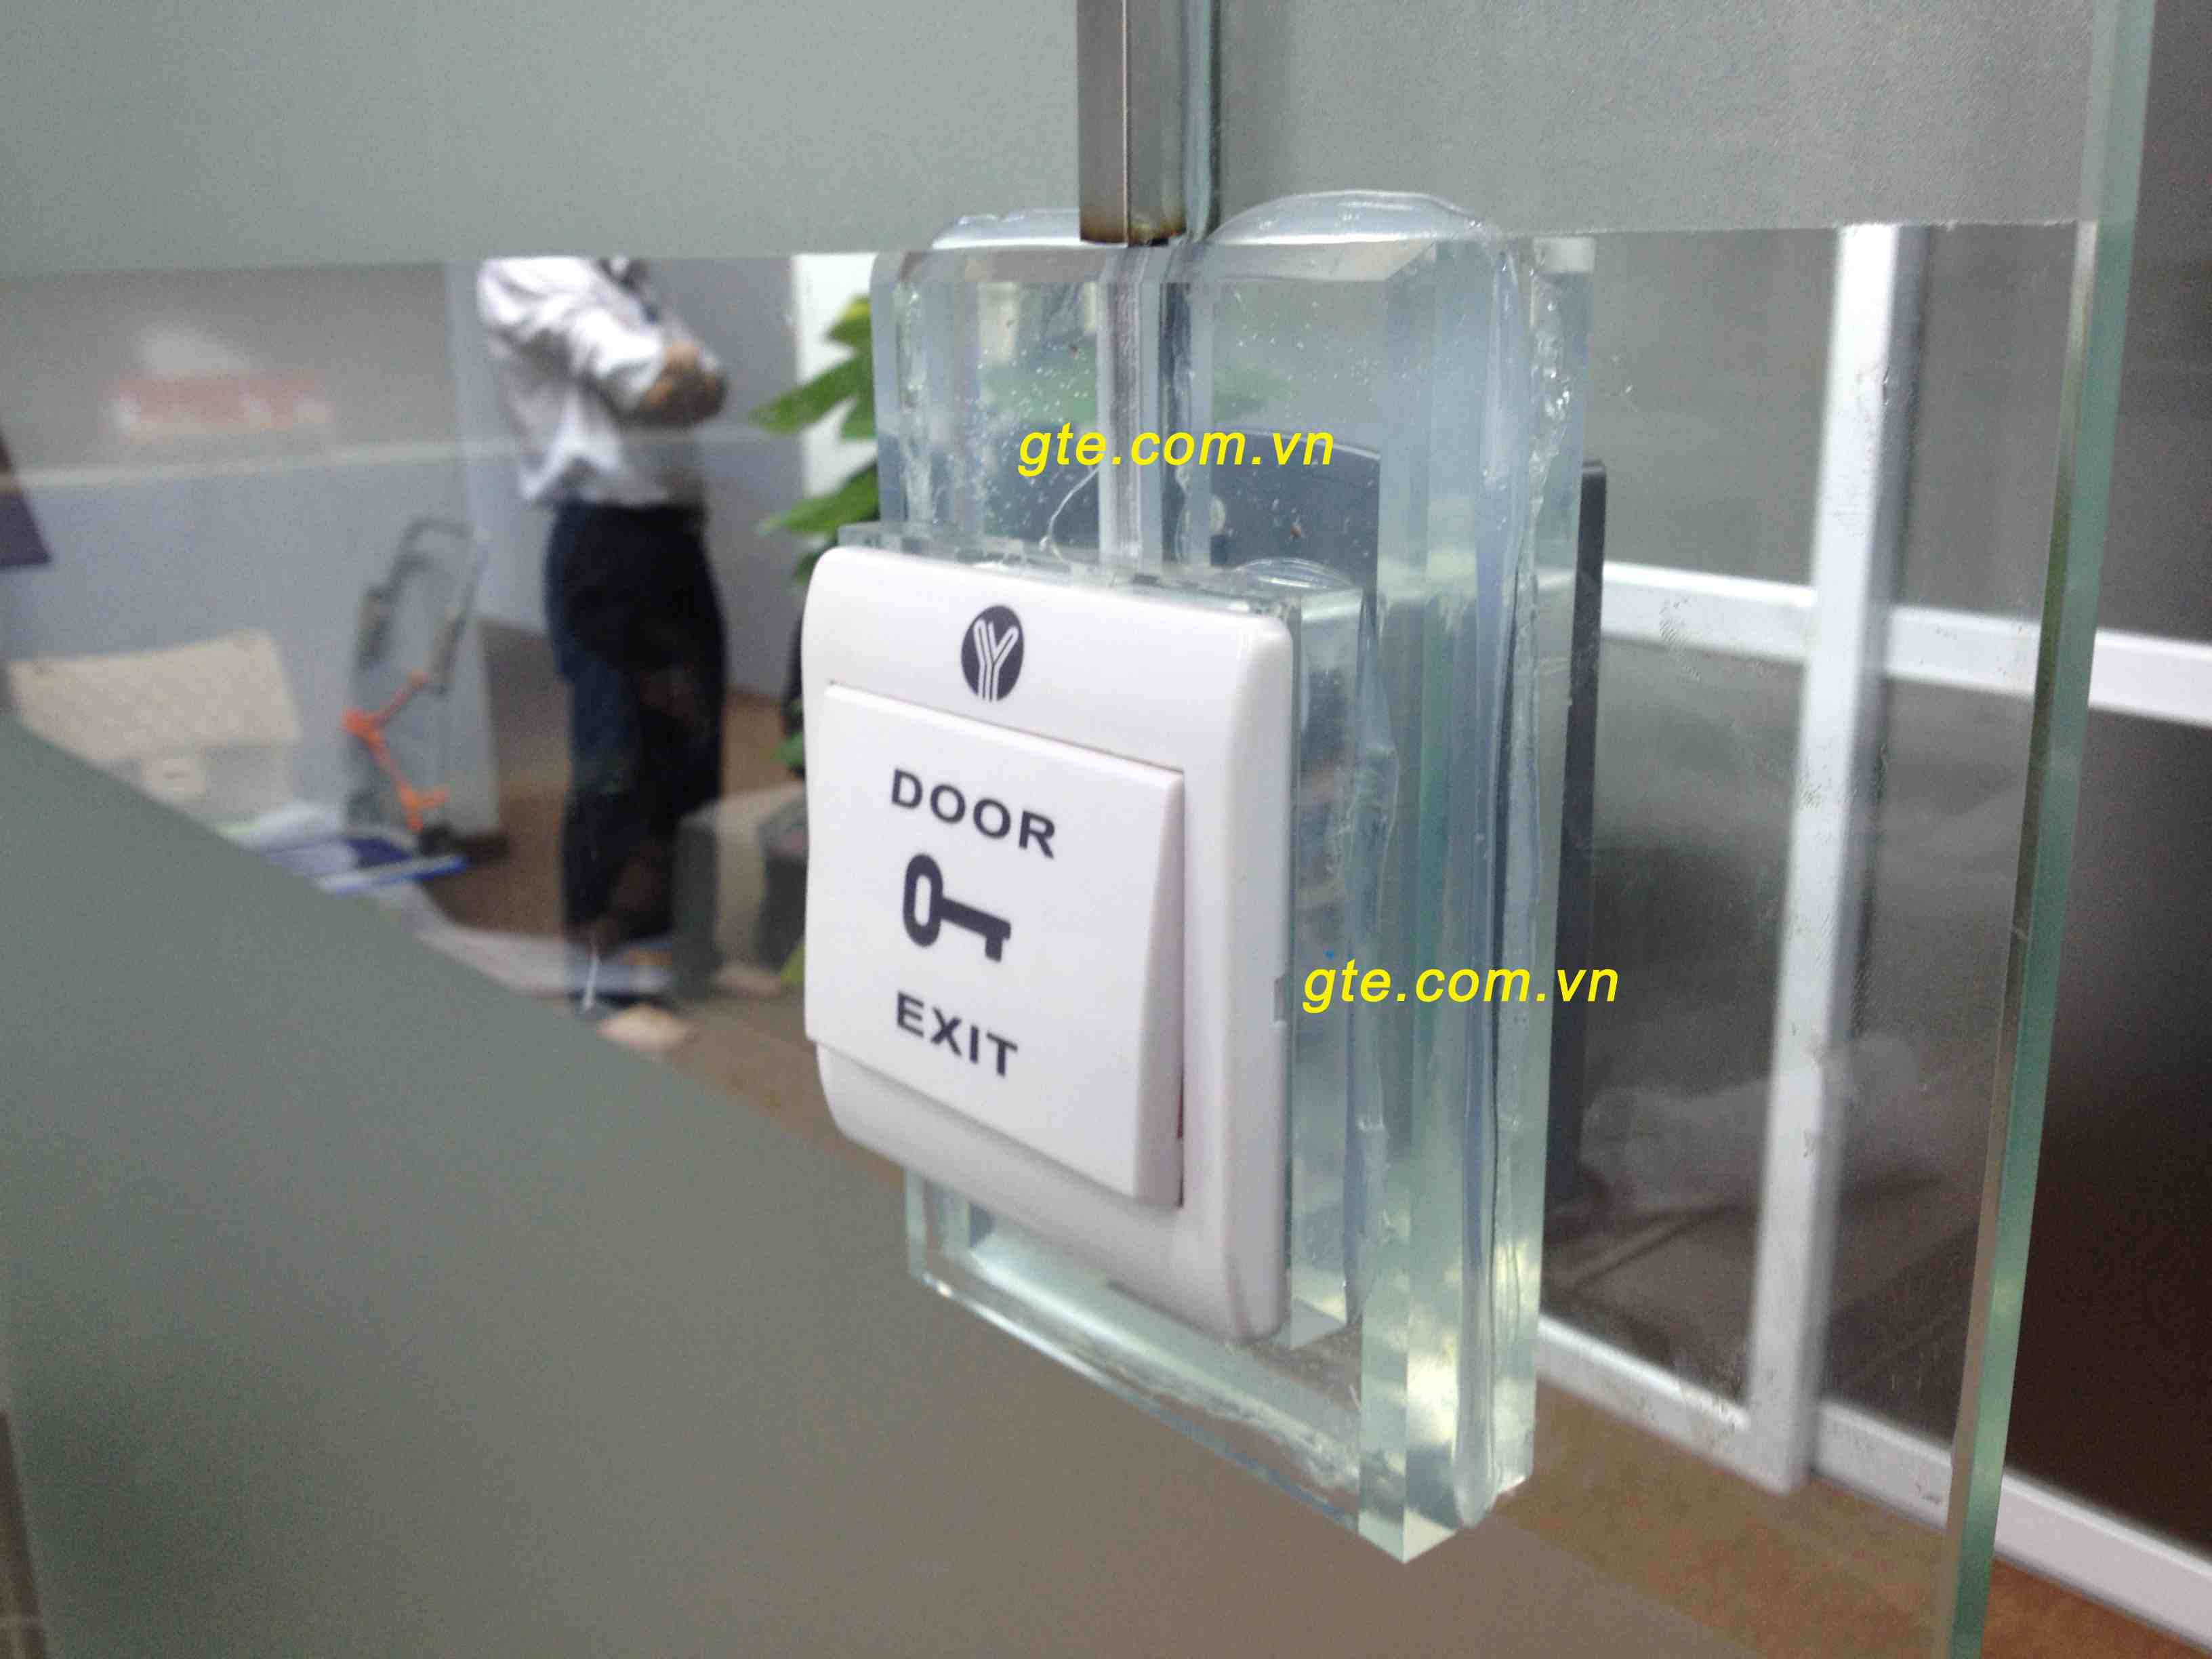 lắp đặt nút exit lên vách kính